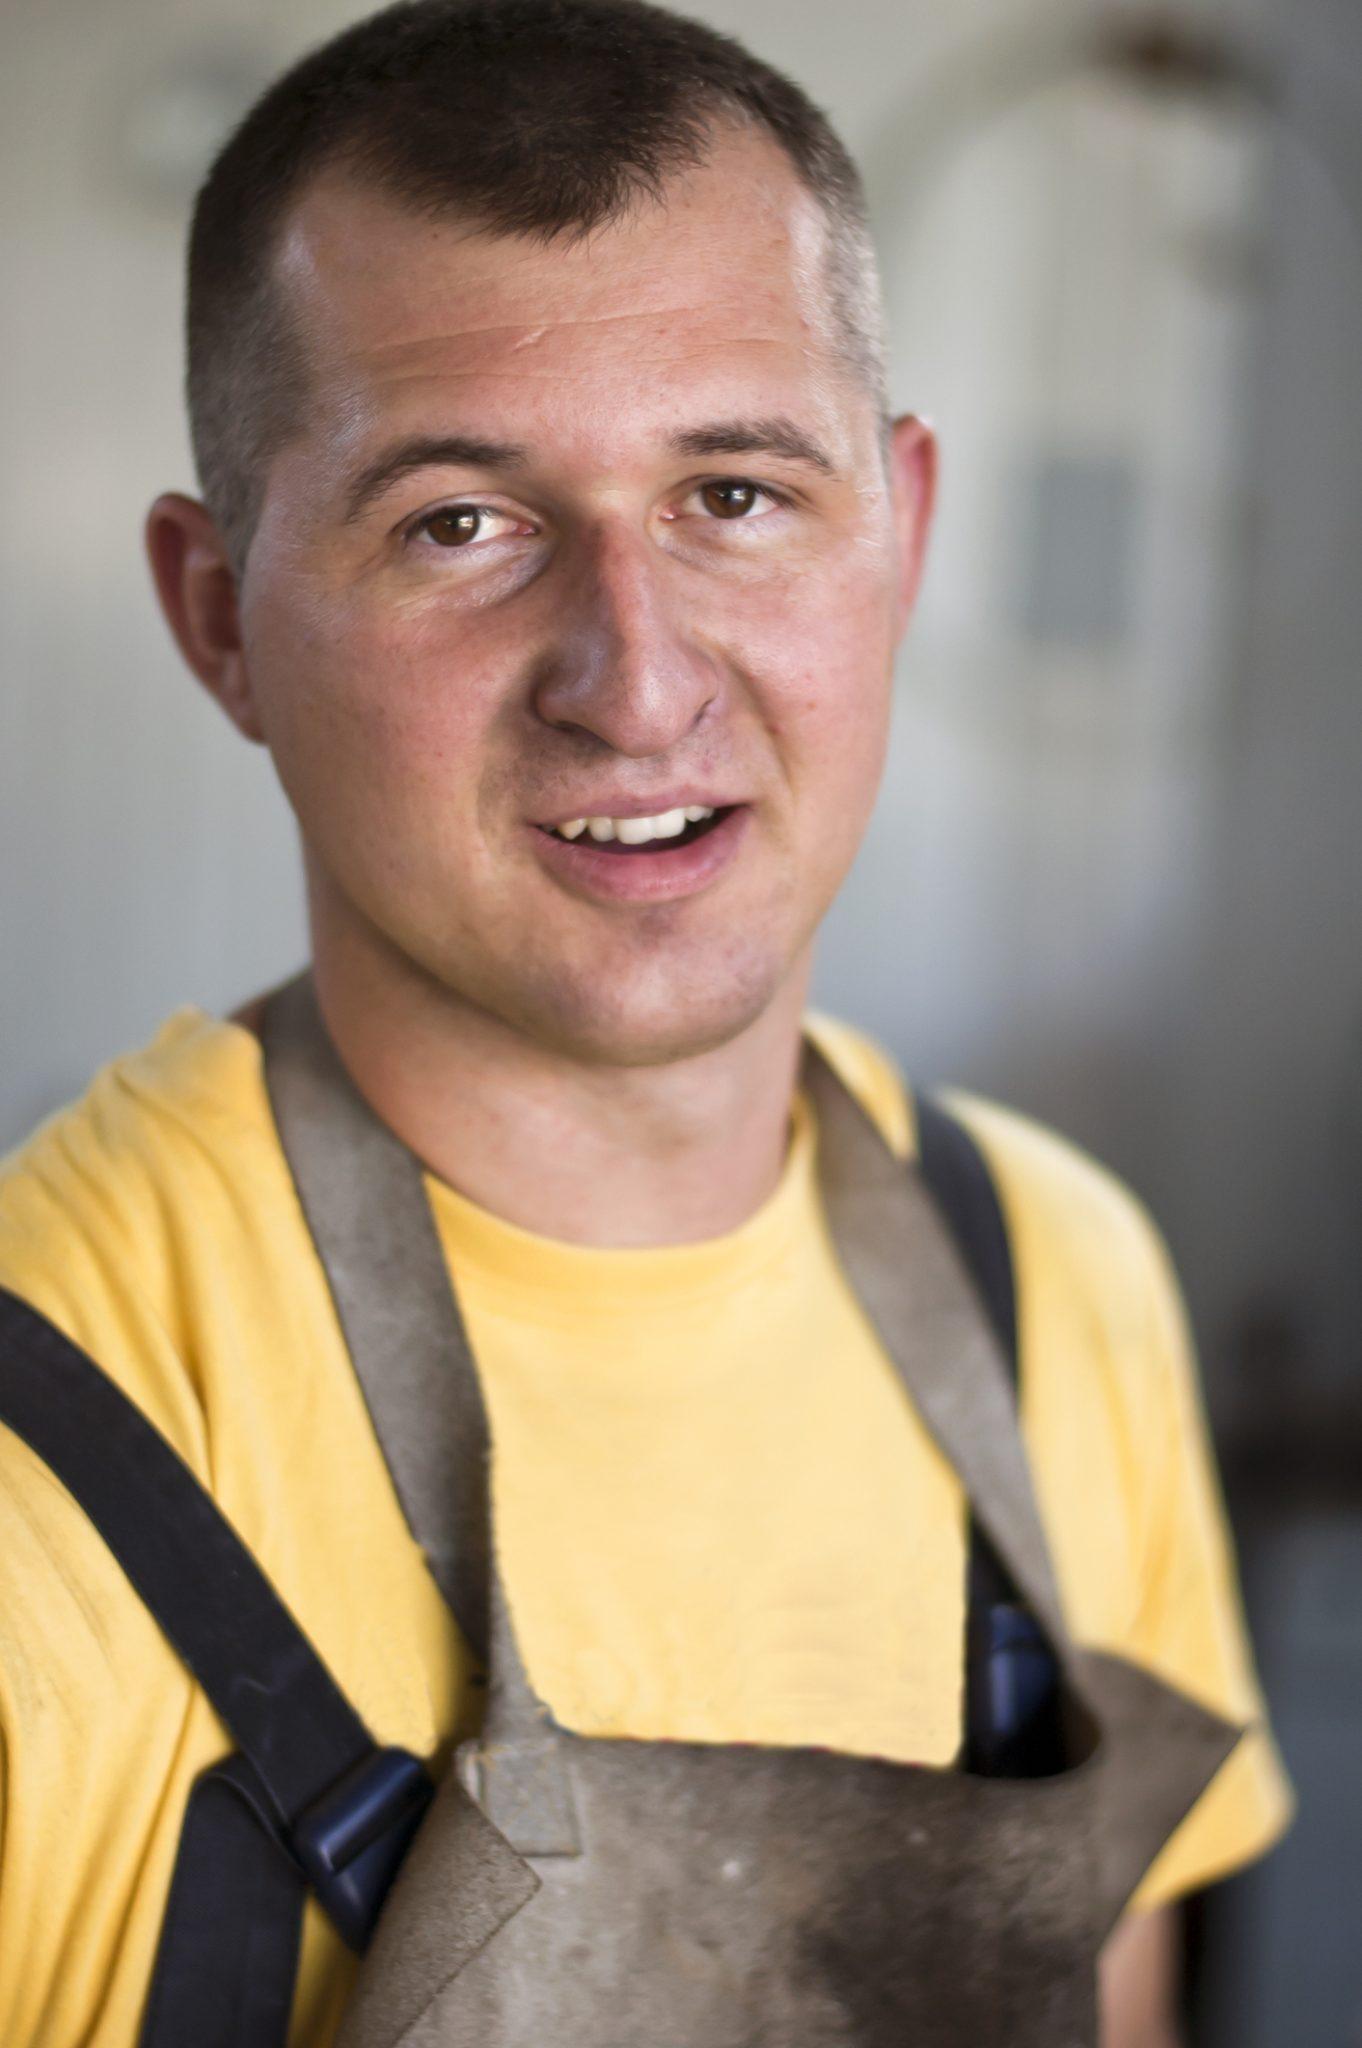 Alex Gayfer